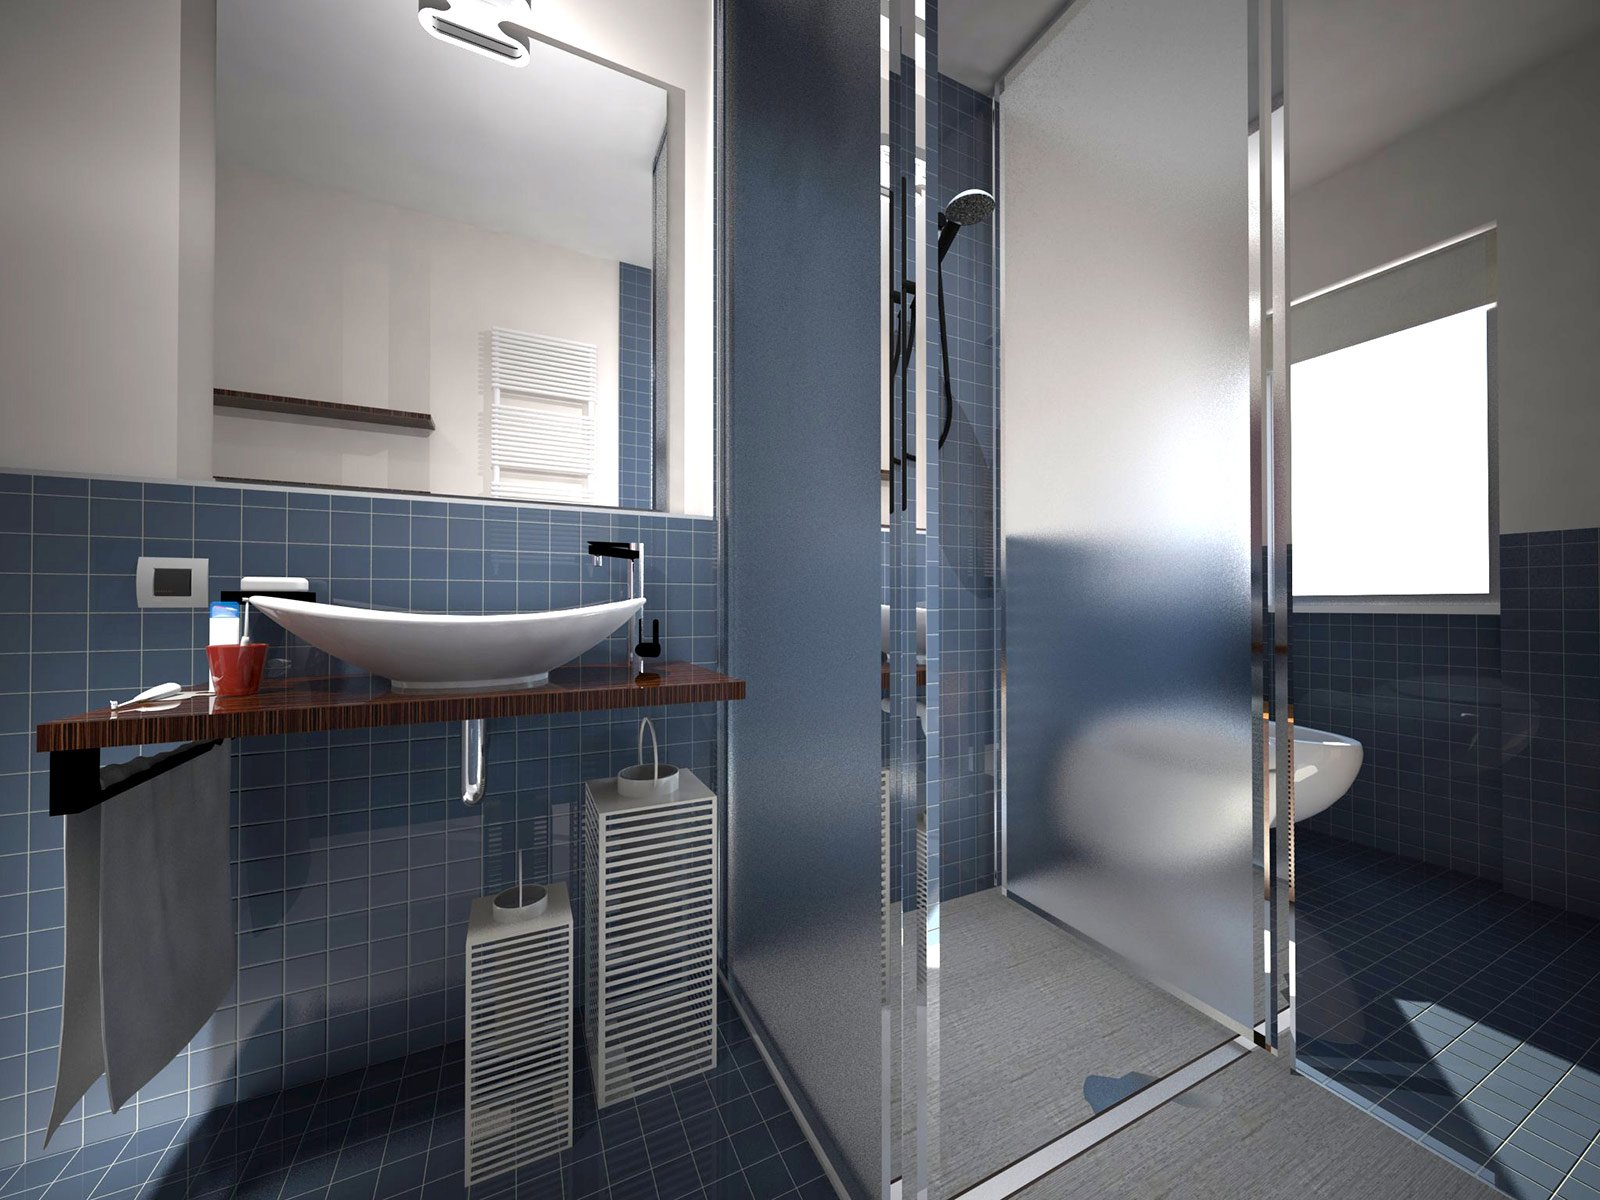 Dove metto la doccia nel bagno lungo e stretto cose di casa - Finestra interna per bagno cieco ...